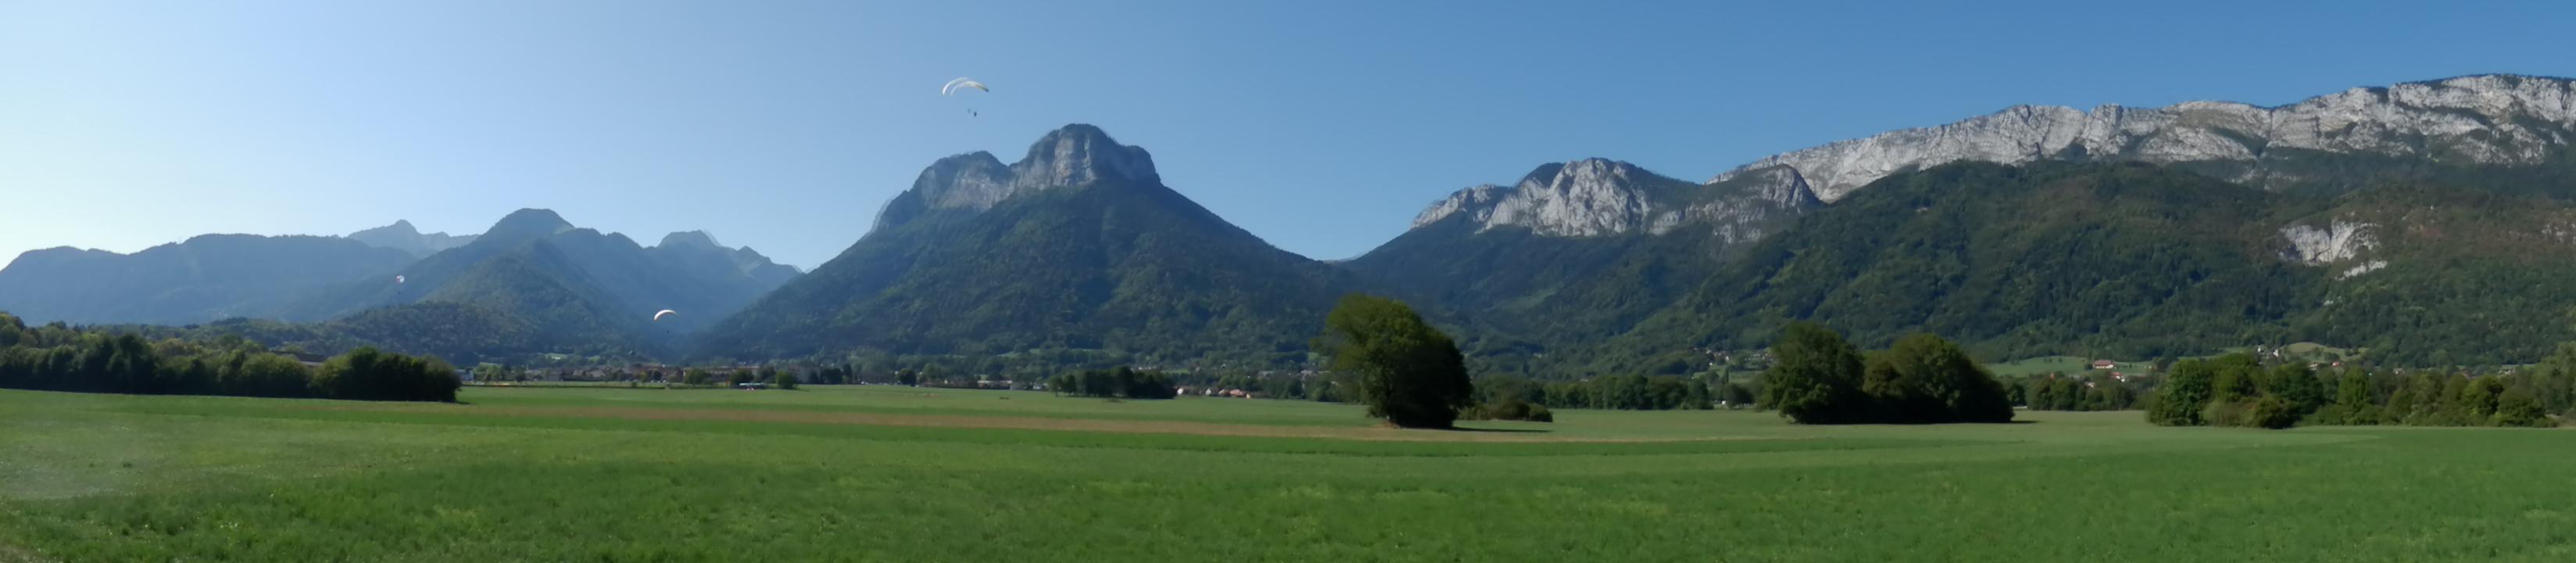 Toàn cảnh núi non